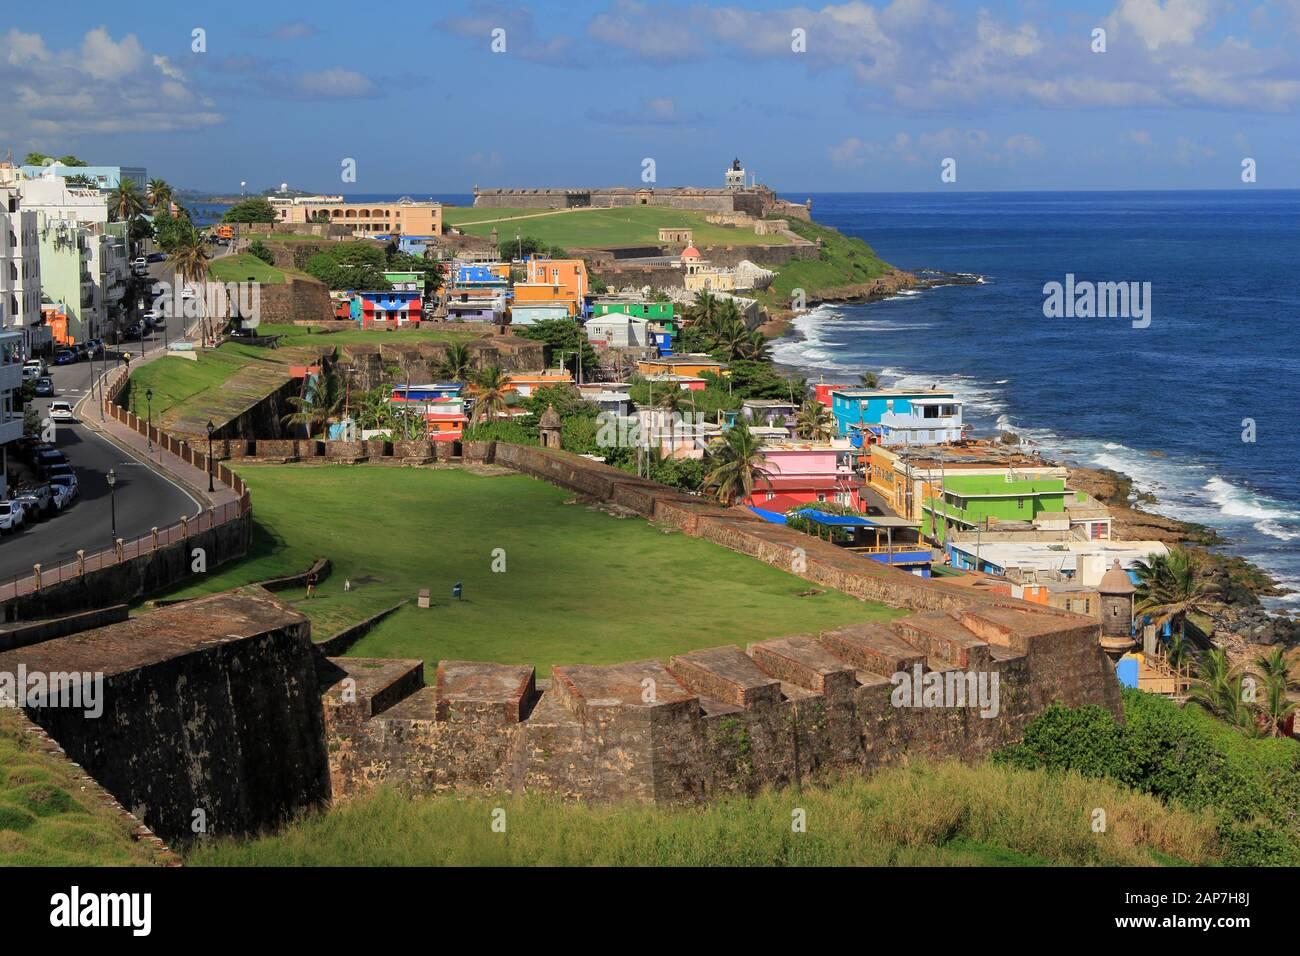 Muros masivos marcados por numerosas cajas de centinela, conocidas en español como guaritas, rodean la ciudad portuaria caribeña del Viejo San Juan en Puerto Rico Foto de stock